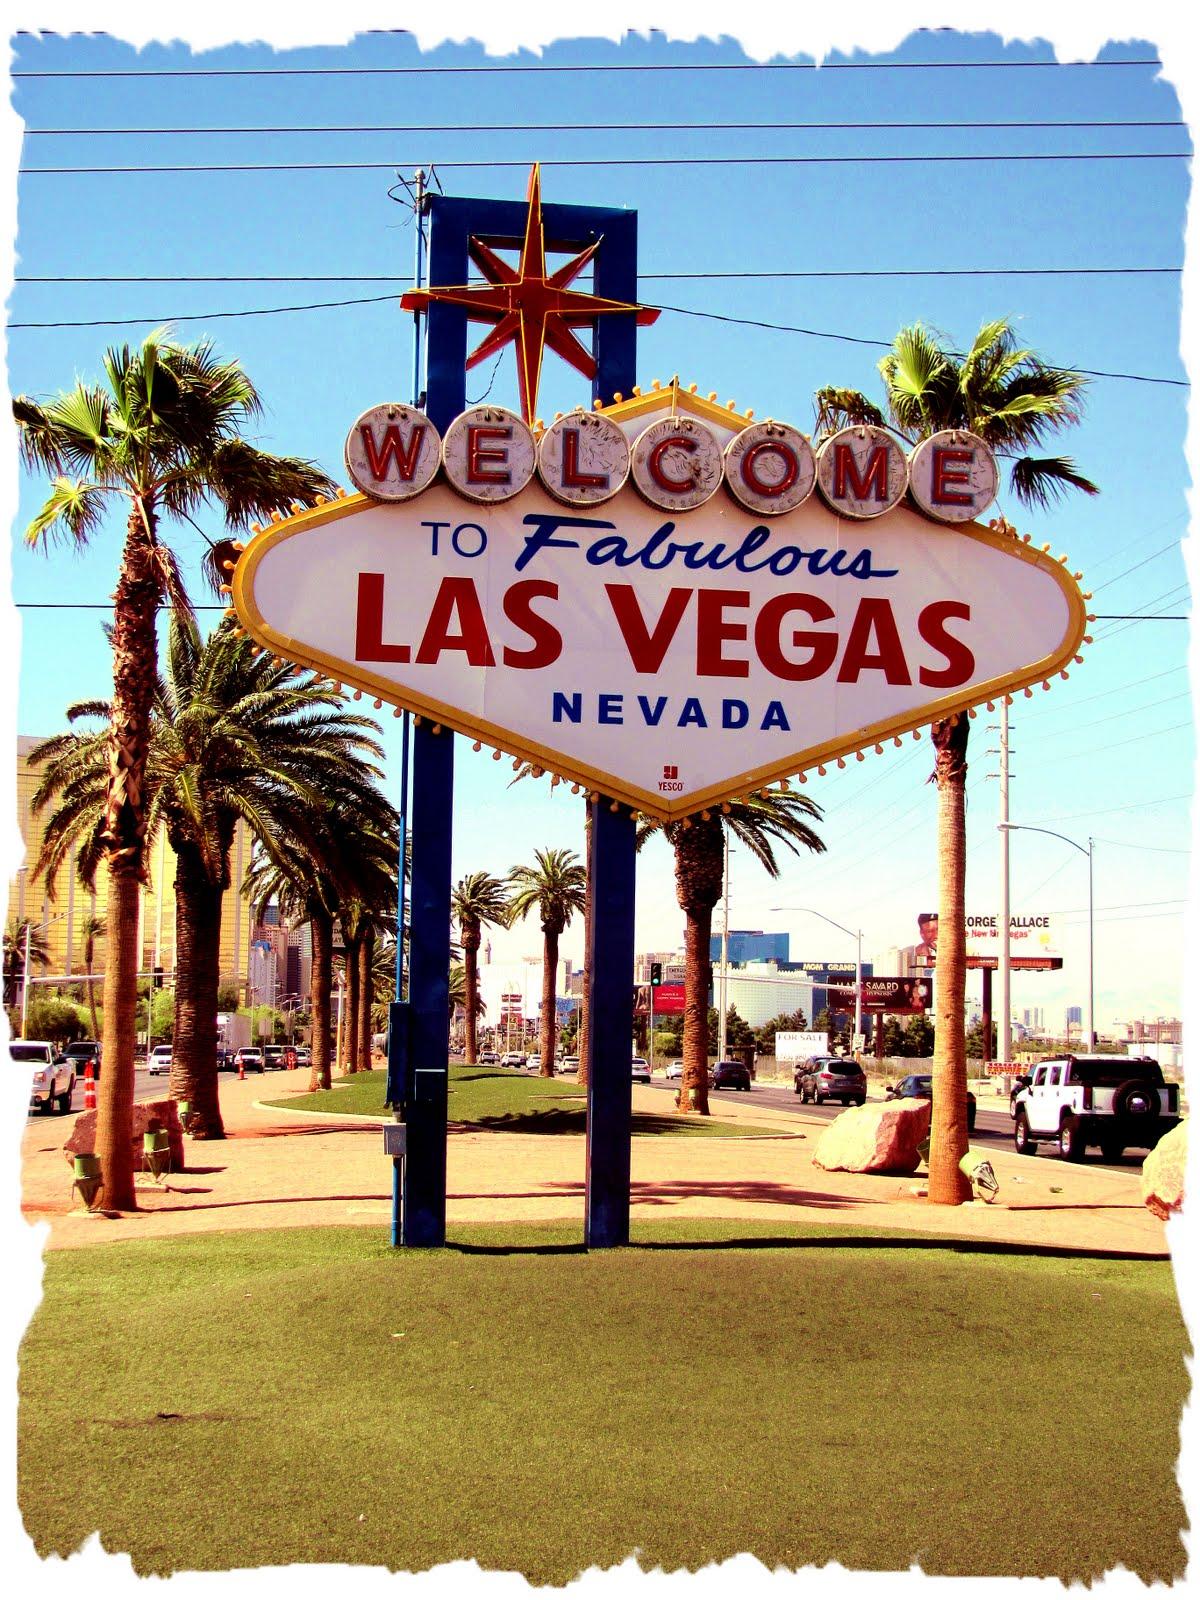 Viva Las Vegas Meaning